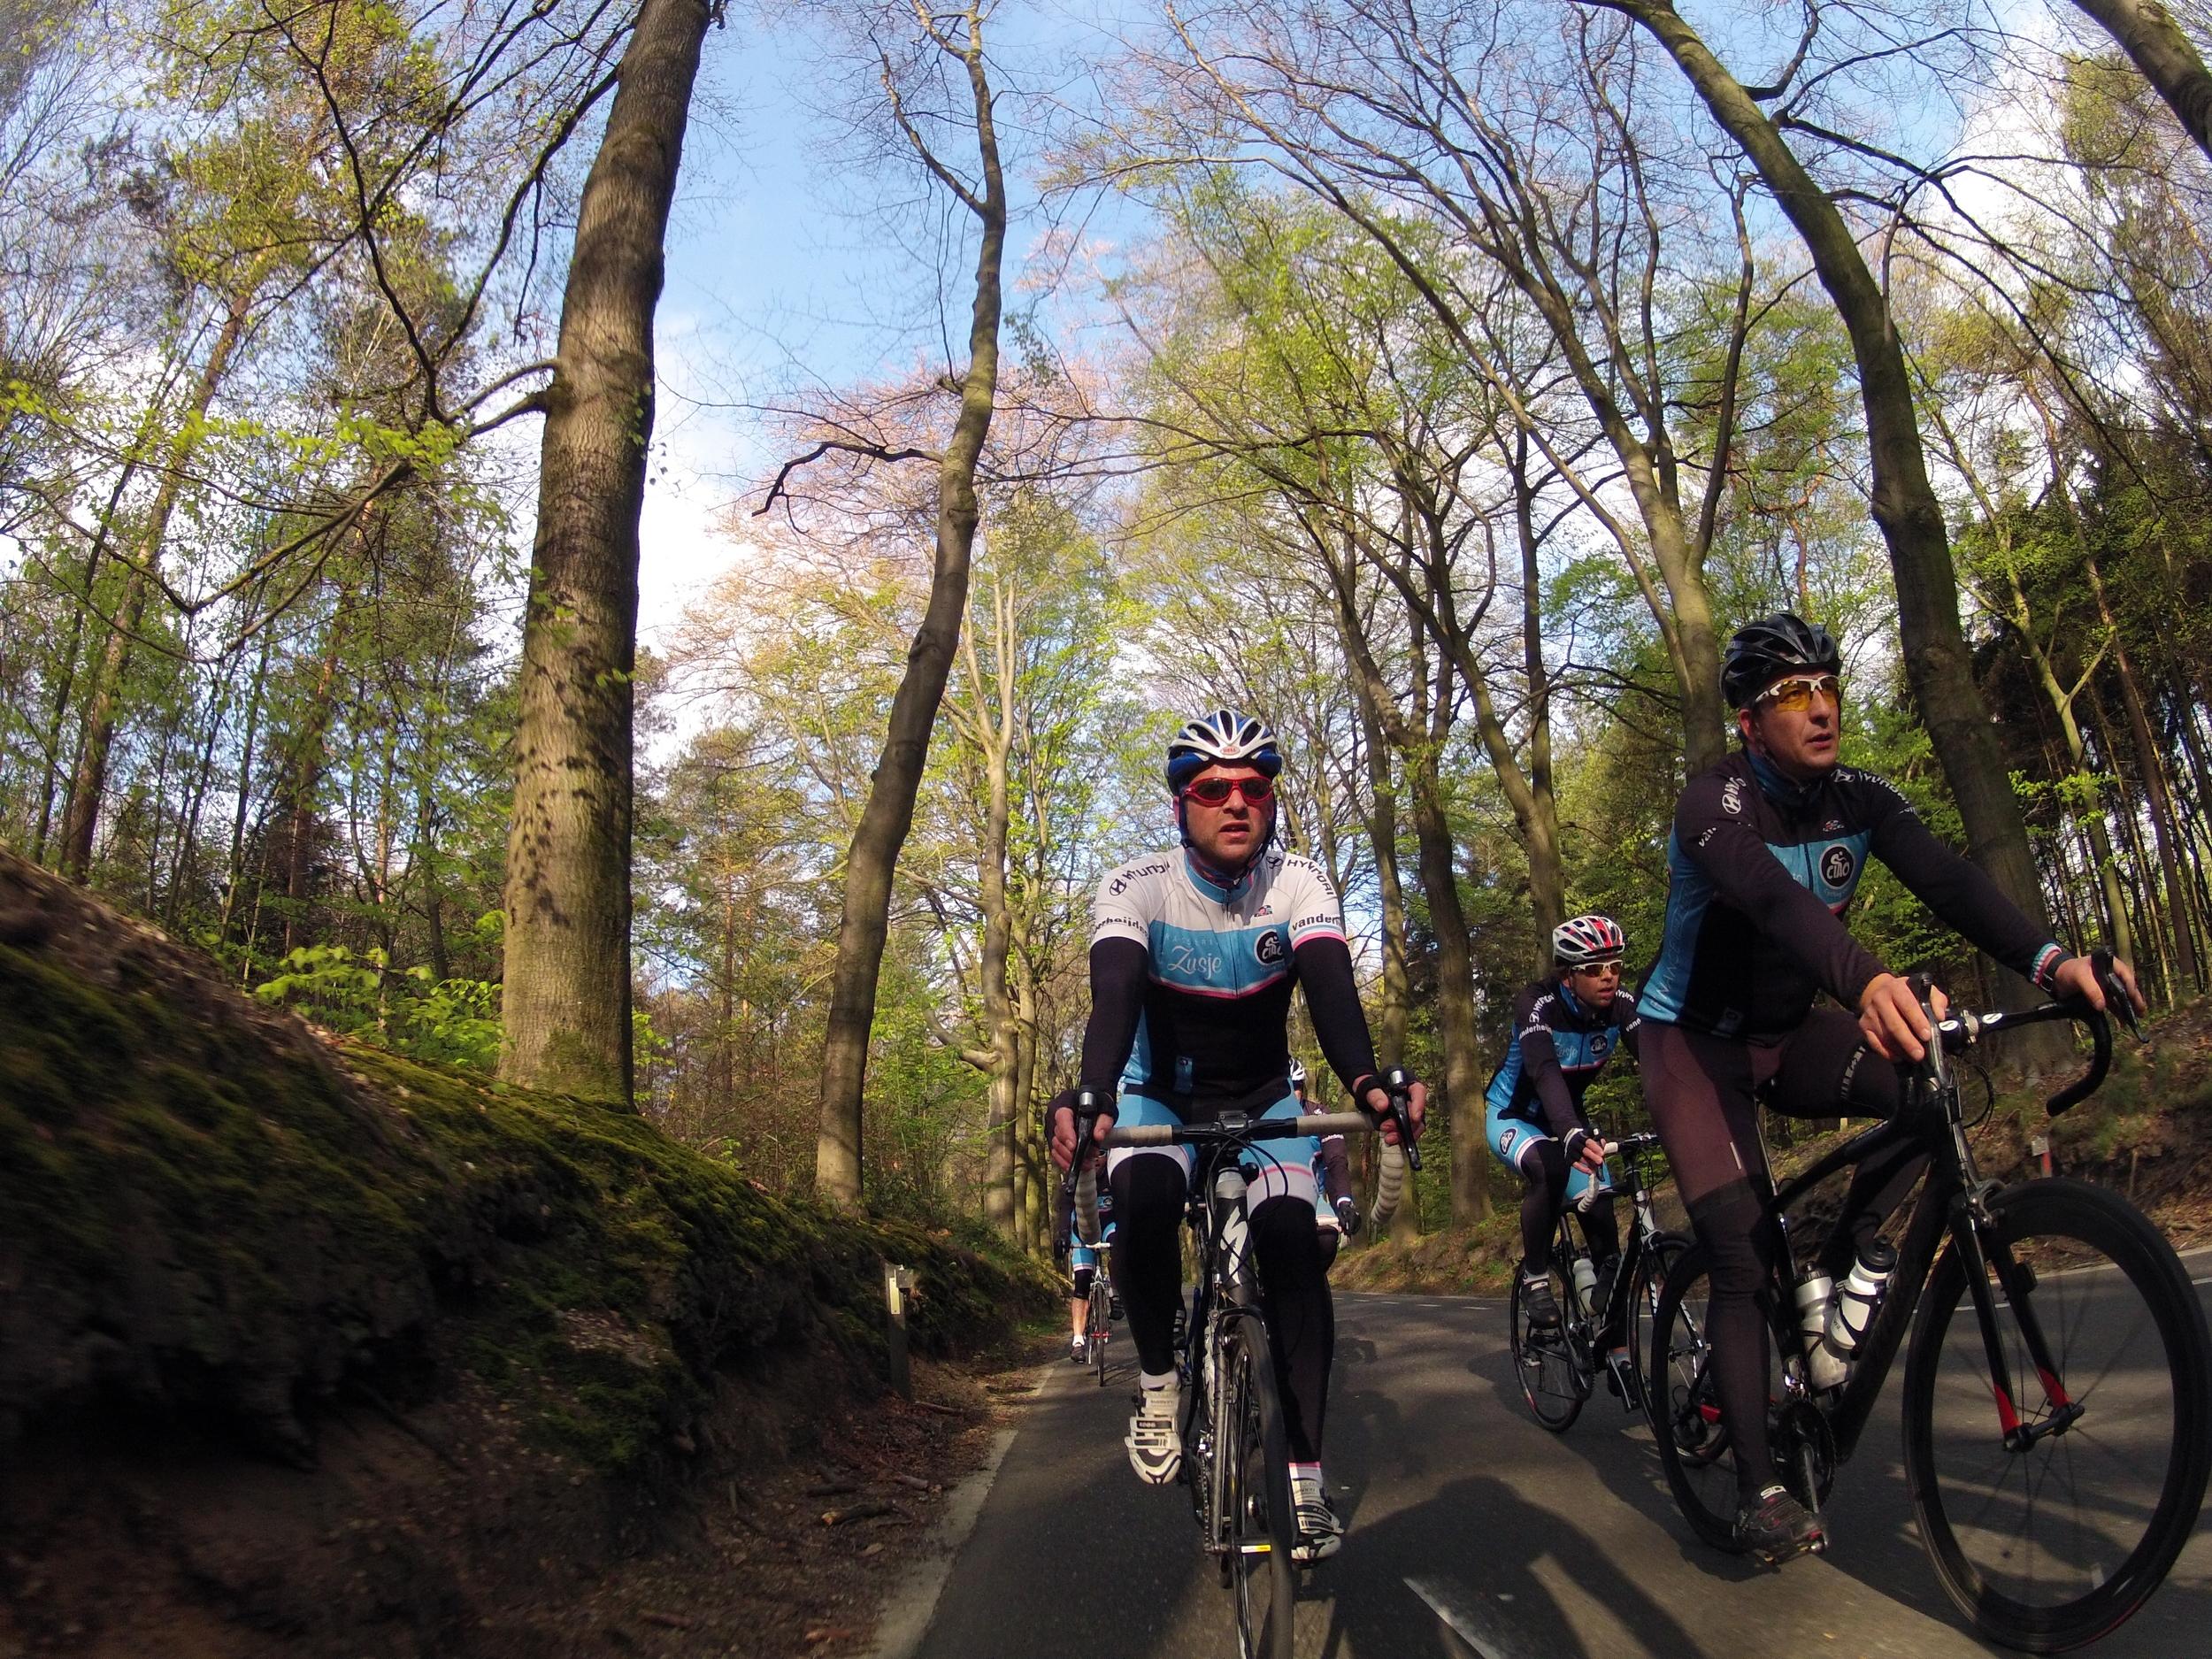 """Een prachtige woensdag avond in het voorjaar. Lekker om half 7 op de fiets voor een rondje Groesbeek en Berg en Dal. Fantastische actiefoto's genomen met de """"GO PRO"""" van Michiel."""